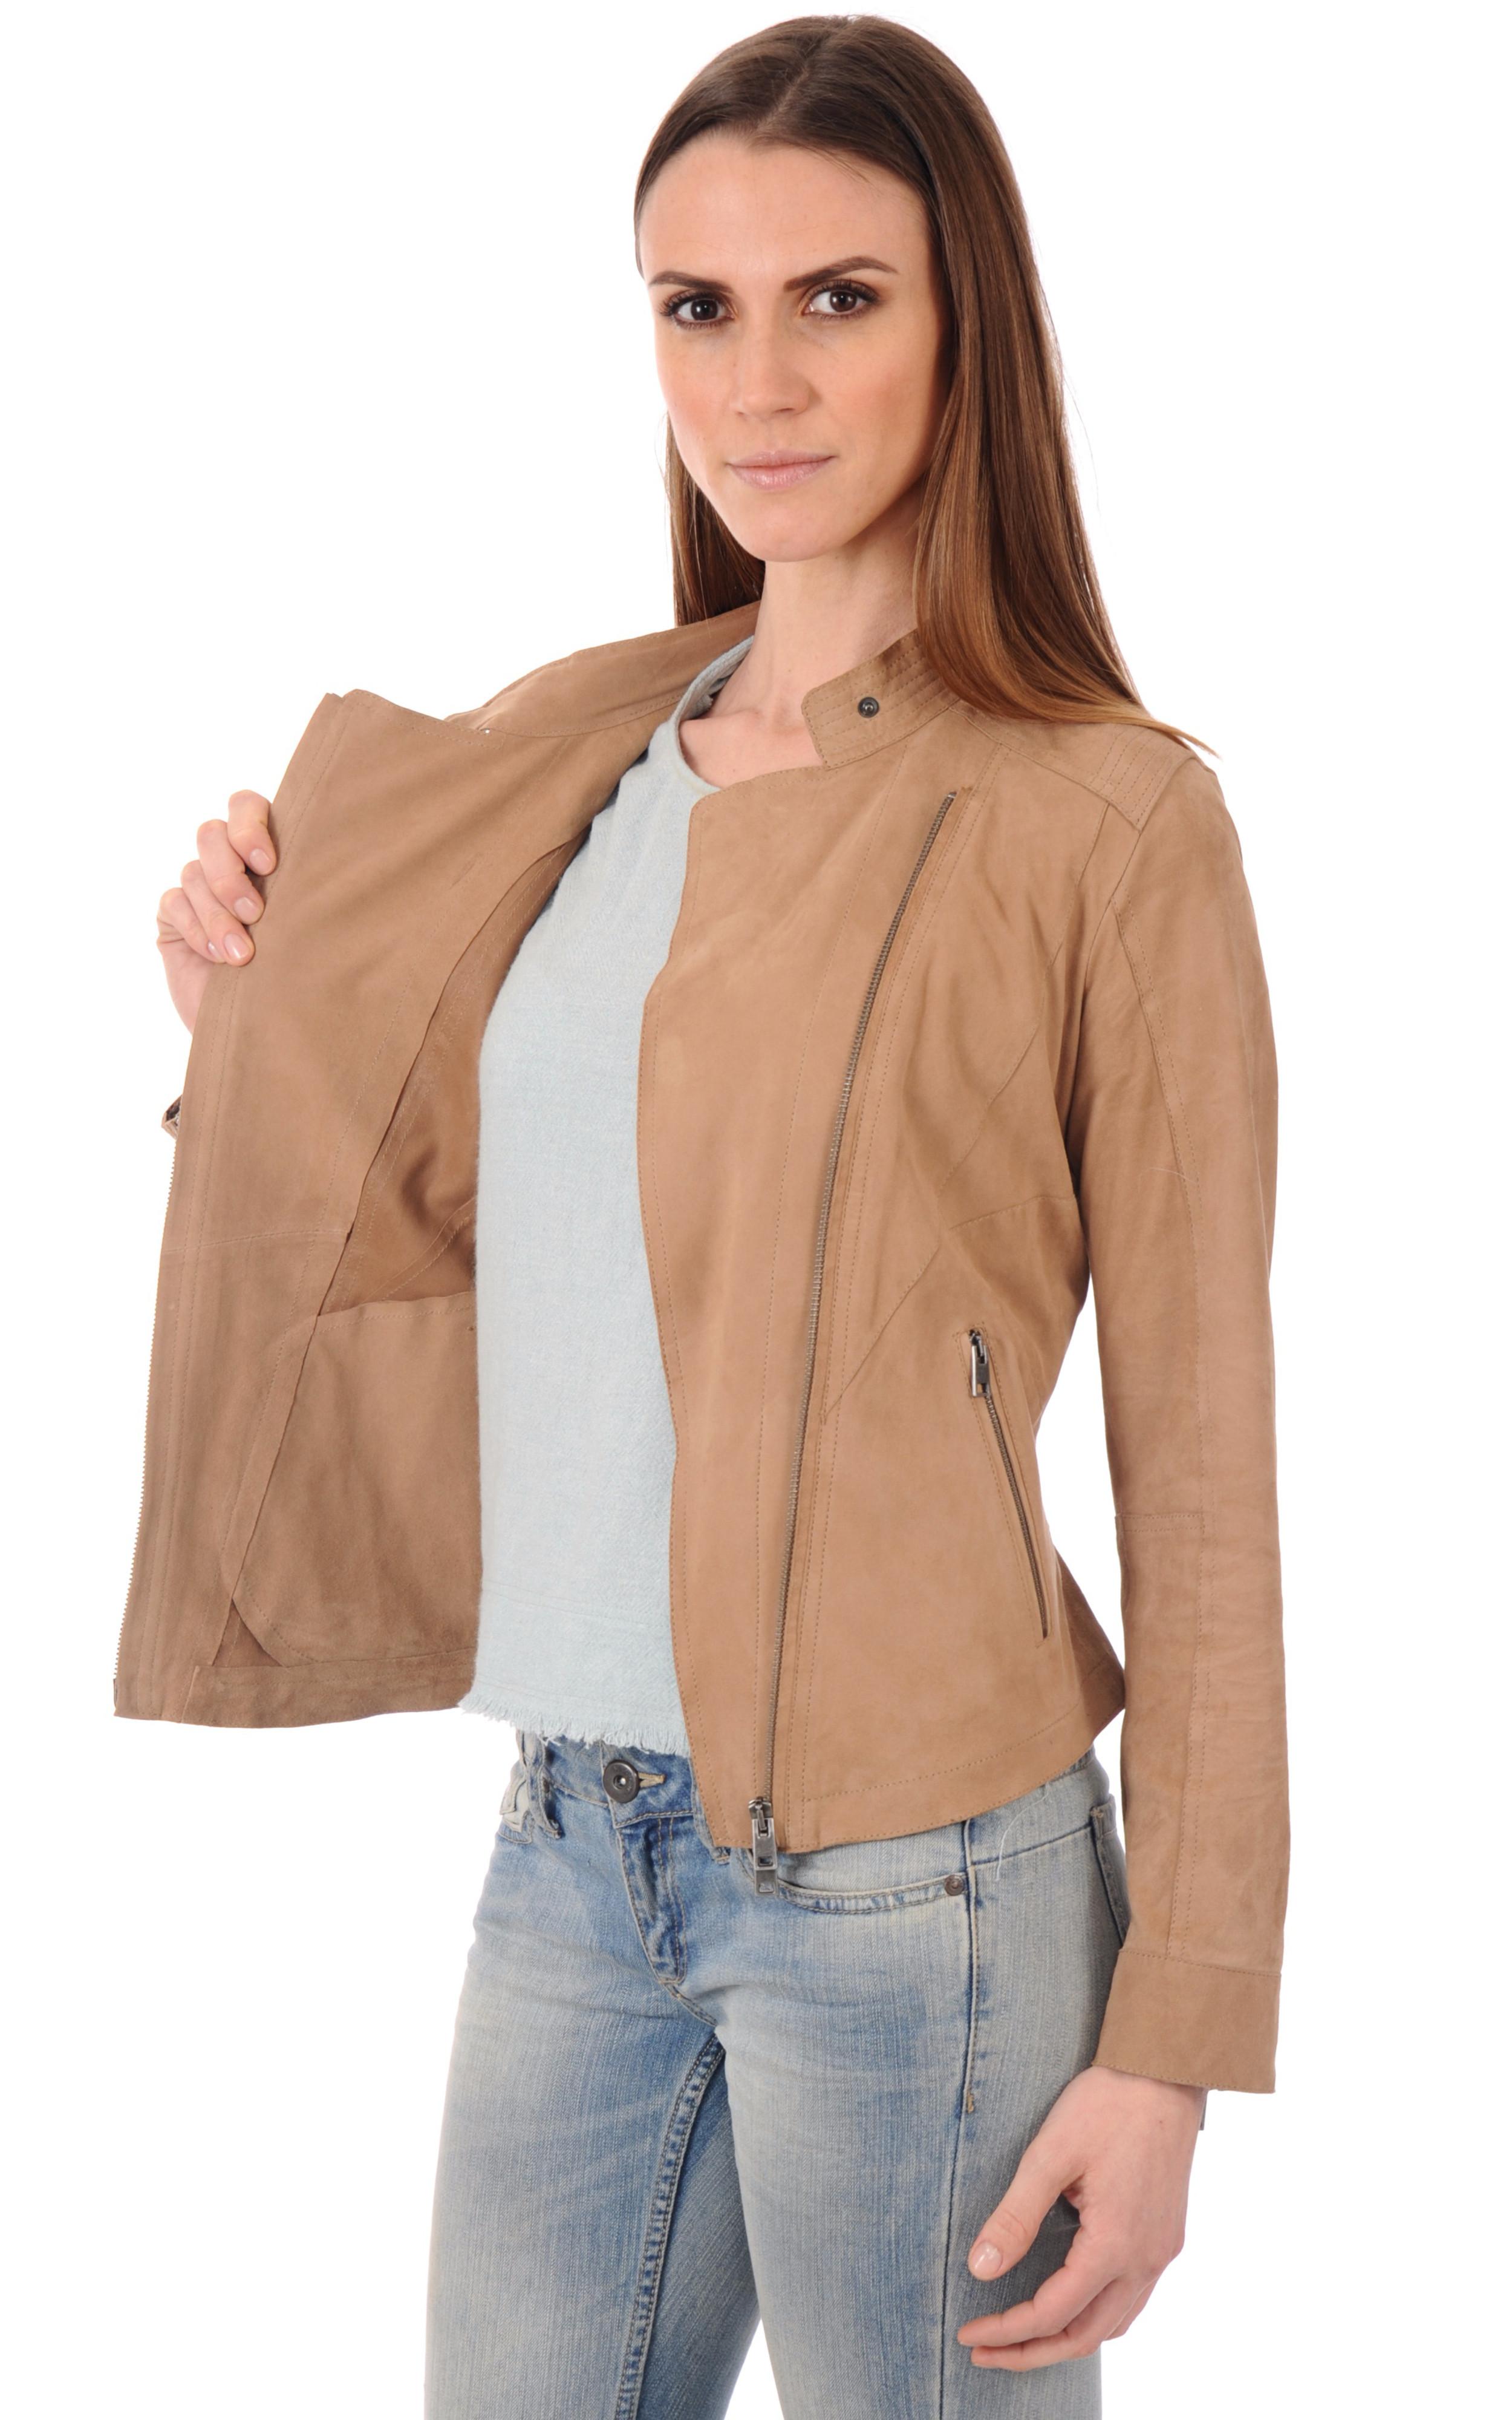 veste en daim beige femme manteau femme col fourrure moto veste en daim beige robe rose cheveux noi. Black Bedroom Furniture Sets. Home Design Ideas